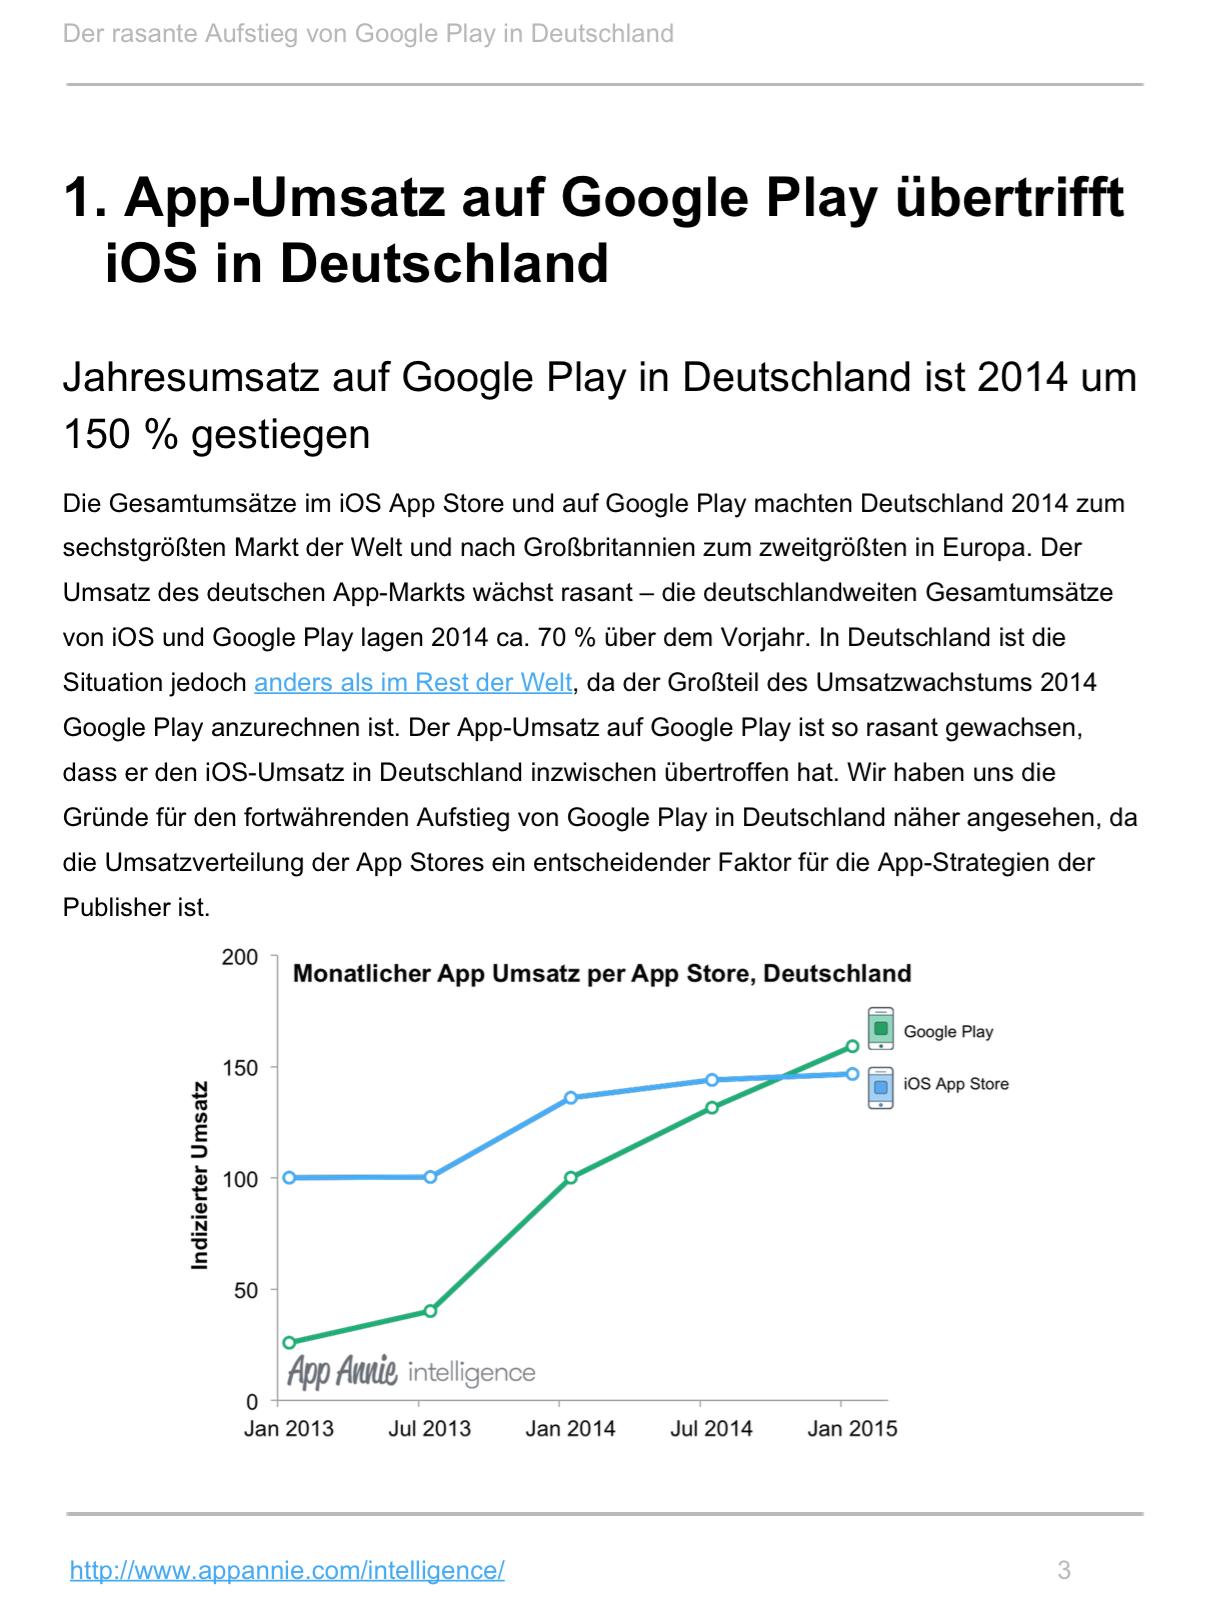 Umsatz auf Google Play übertrifft iOS in Deutschland